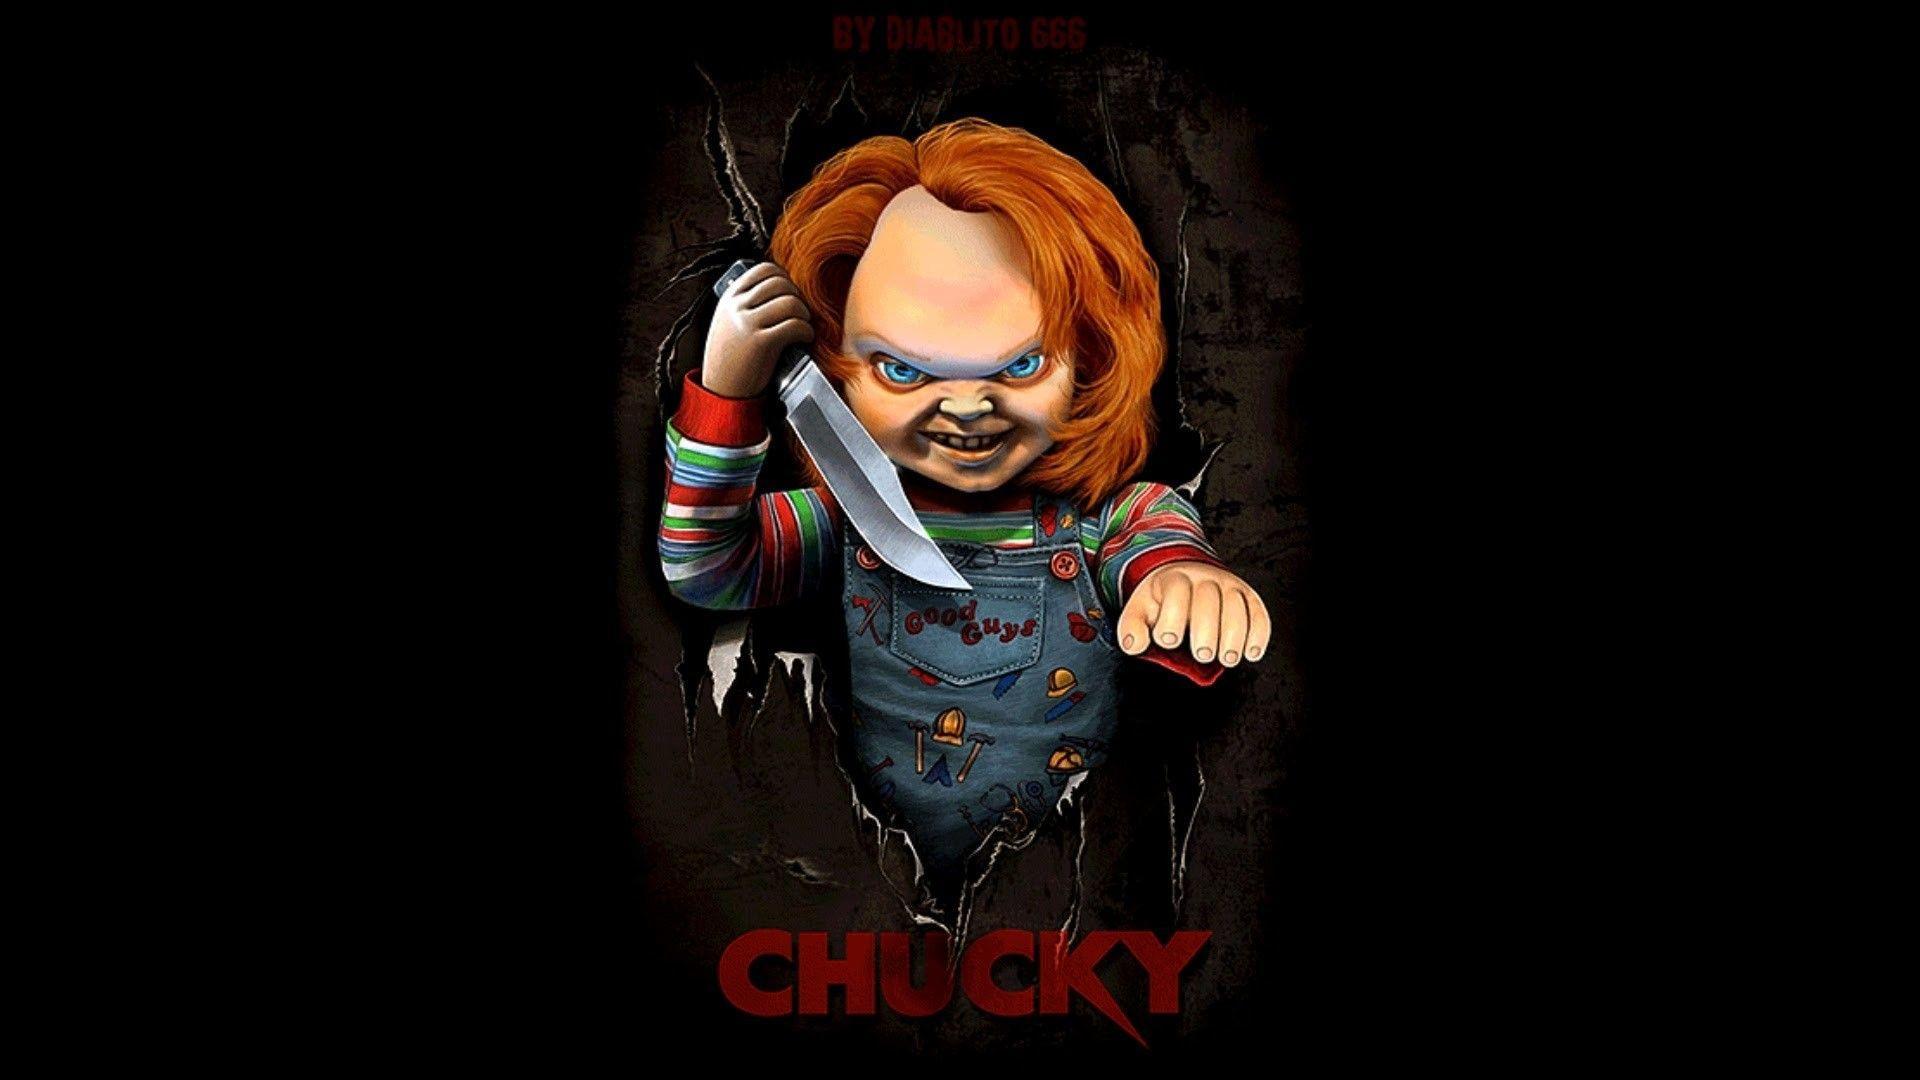 Chucky Wallpaper HD 32